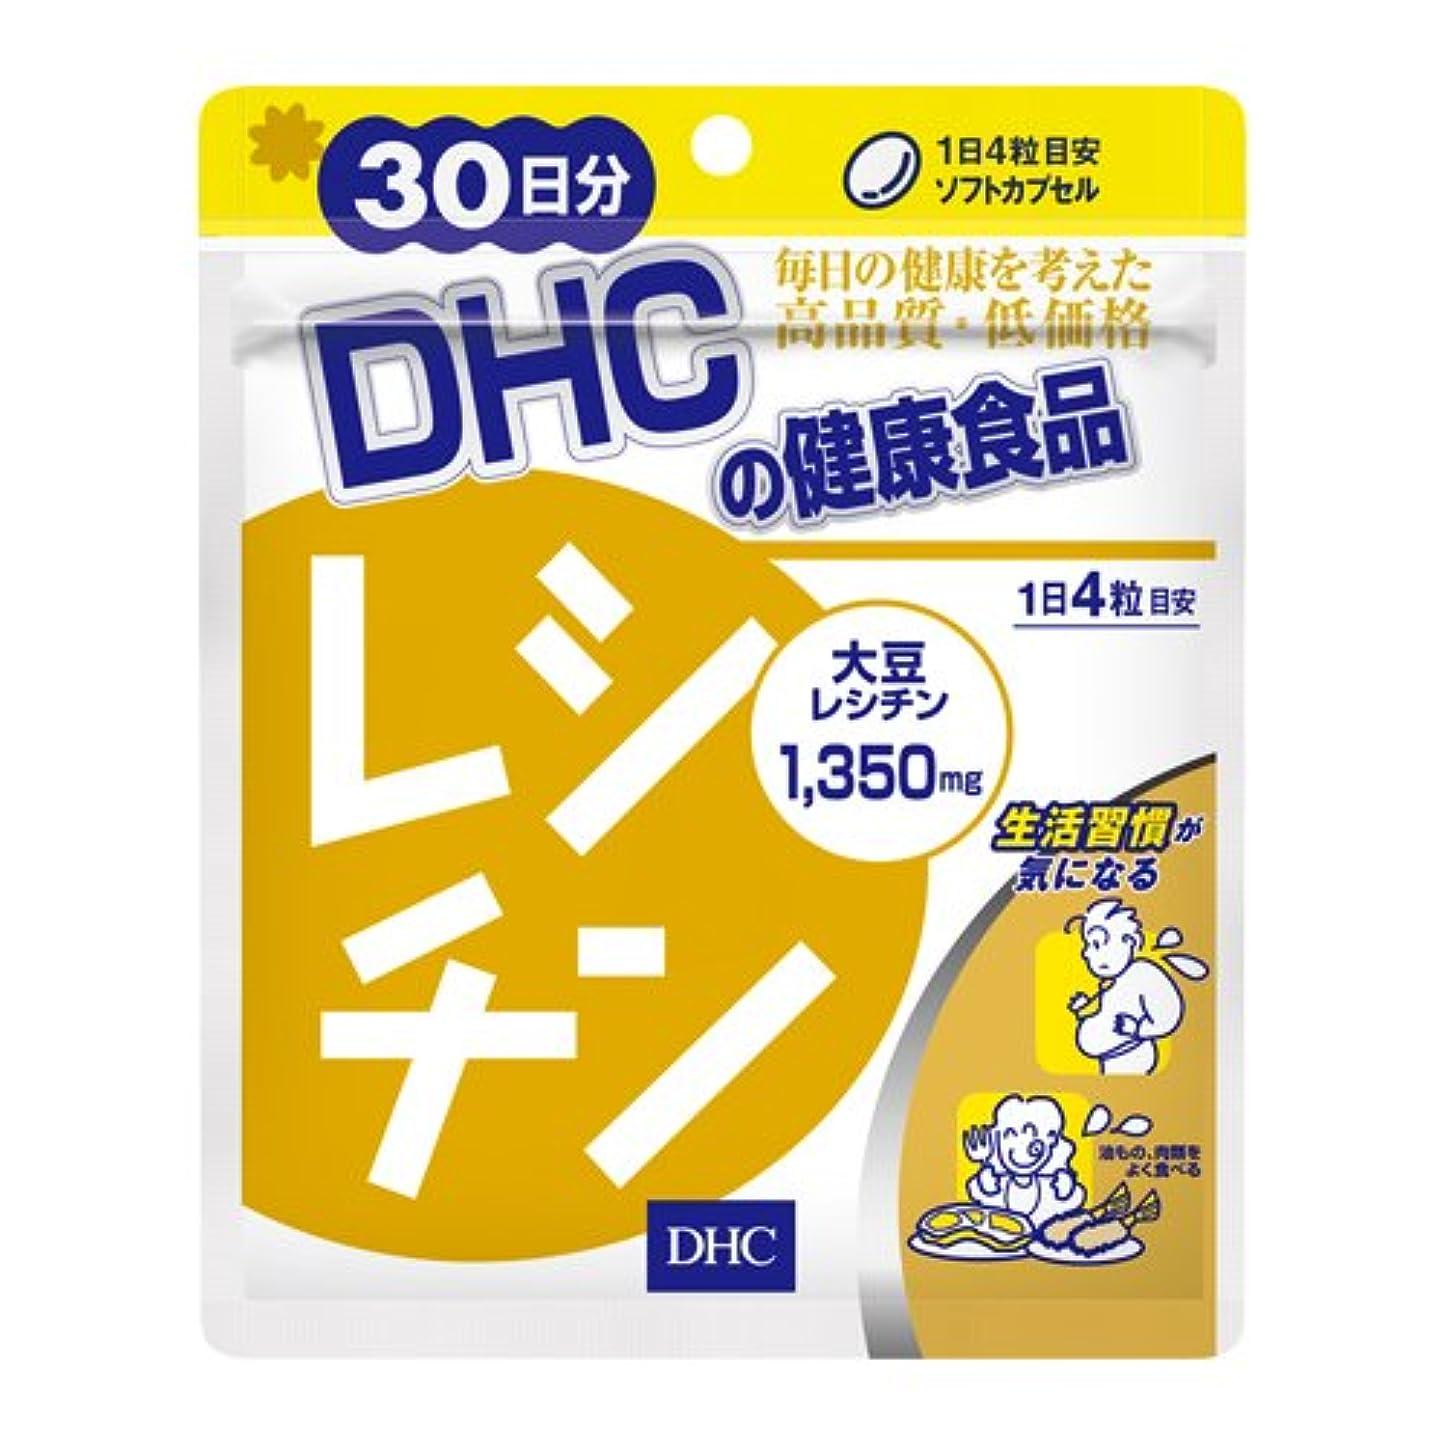 志す憧れ報告書DHC レシチン 30日分